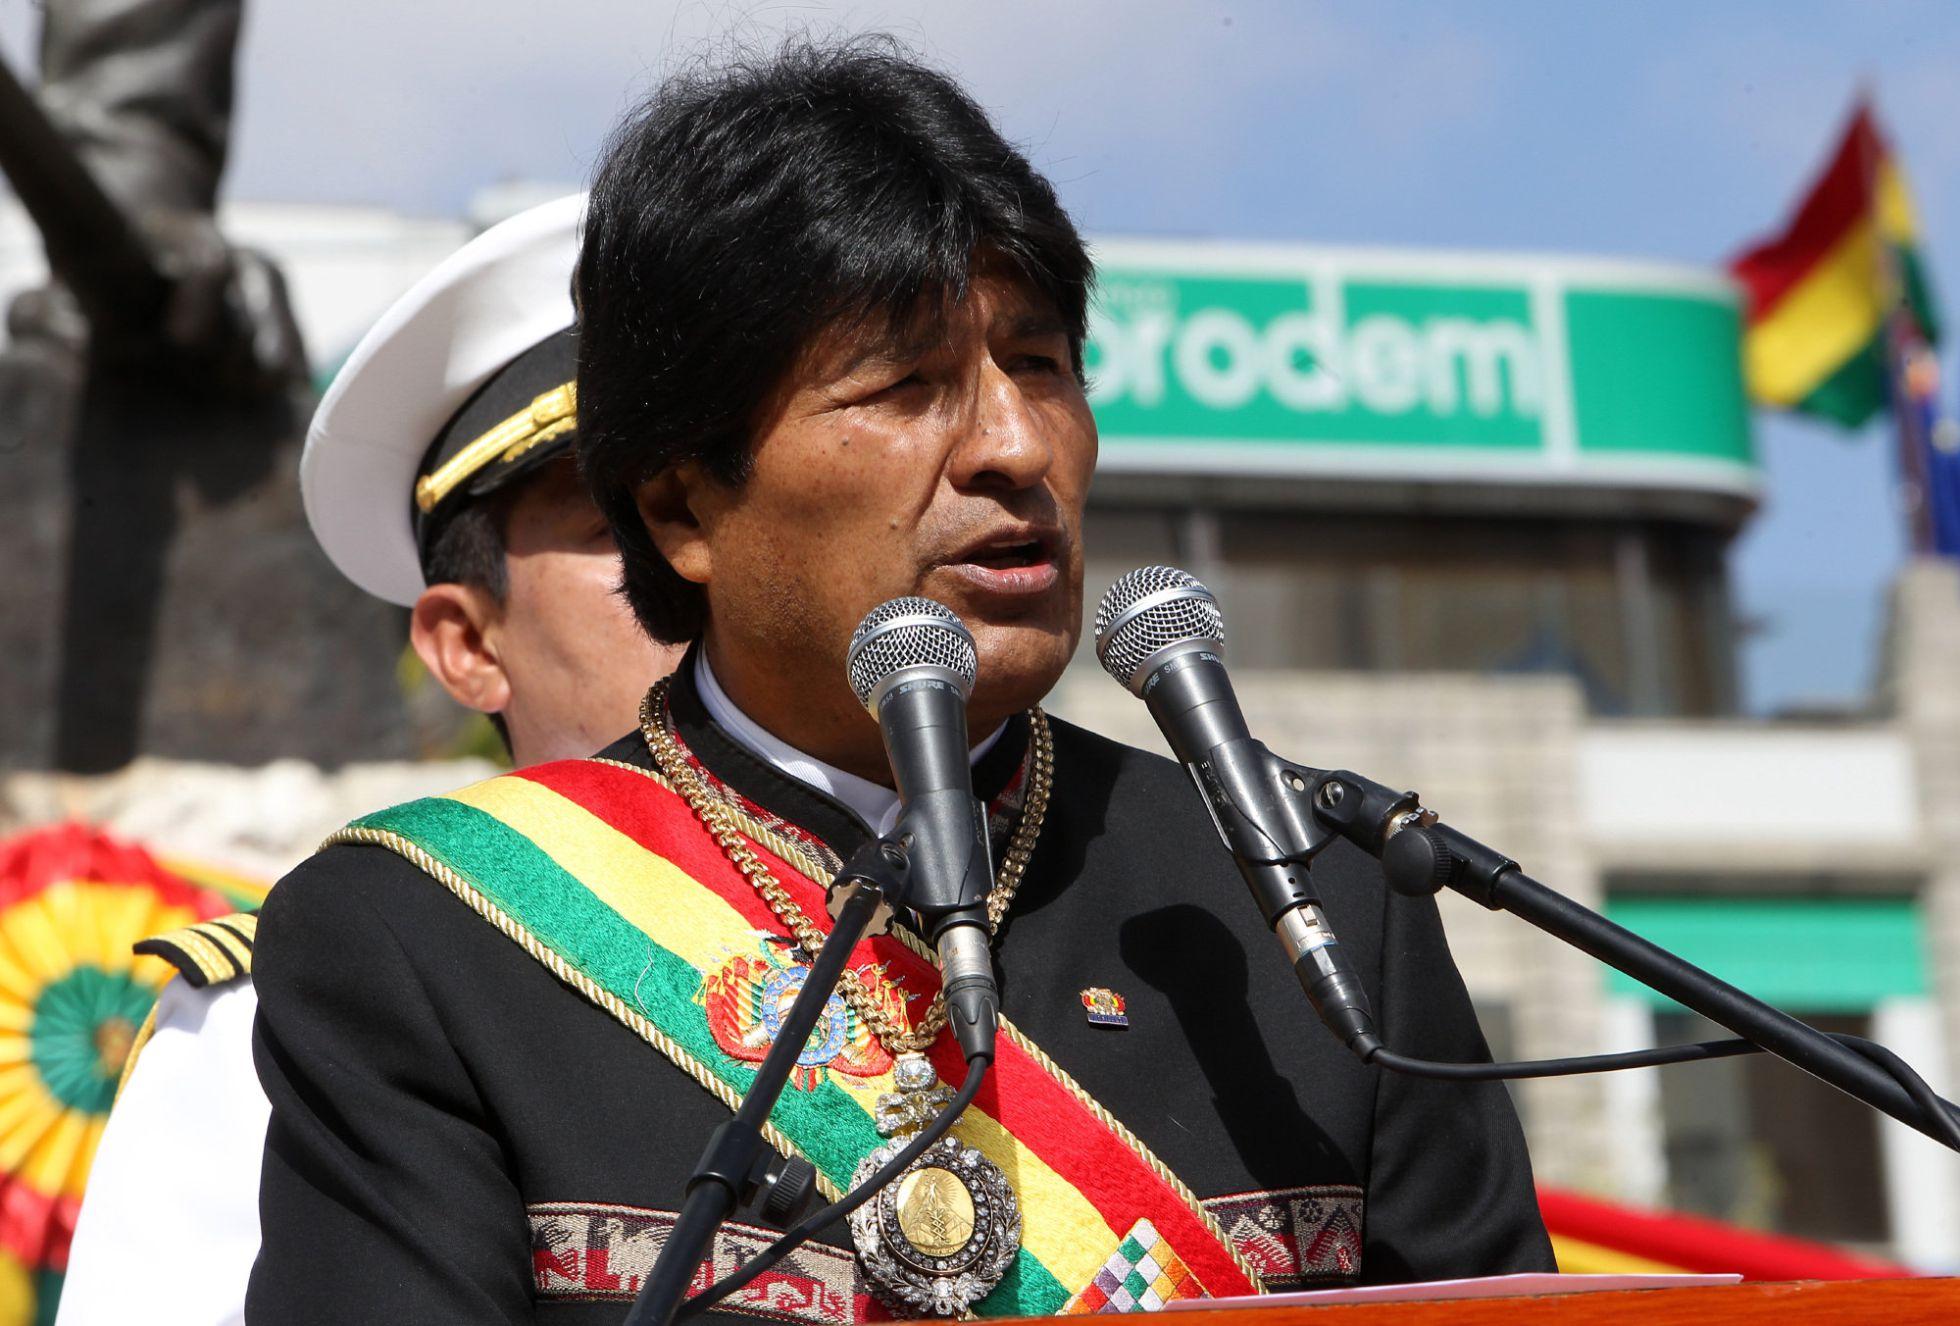 Bolivia define acceso maritimo a Chile como politica de Estado! - La Haya da el fallo a favor de Chile por sus acuerdos historicos firmados entonces! - Página 2 1459202643_110679_1459202896_noticia_normal_recorte1